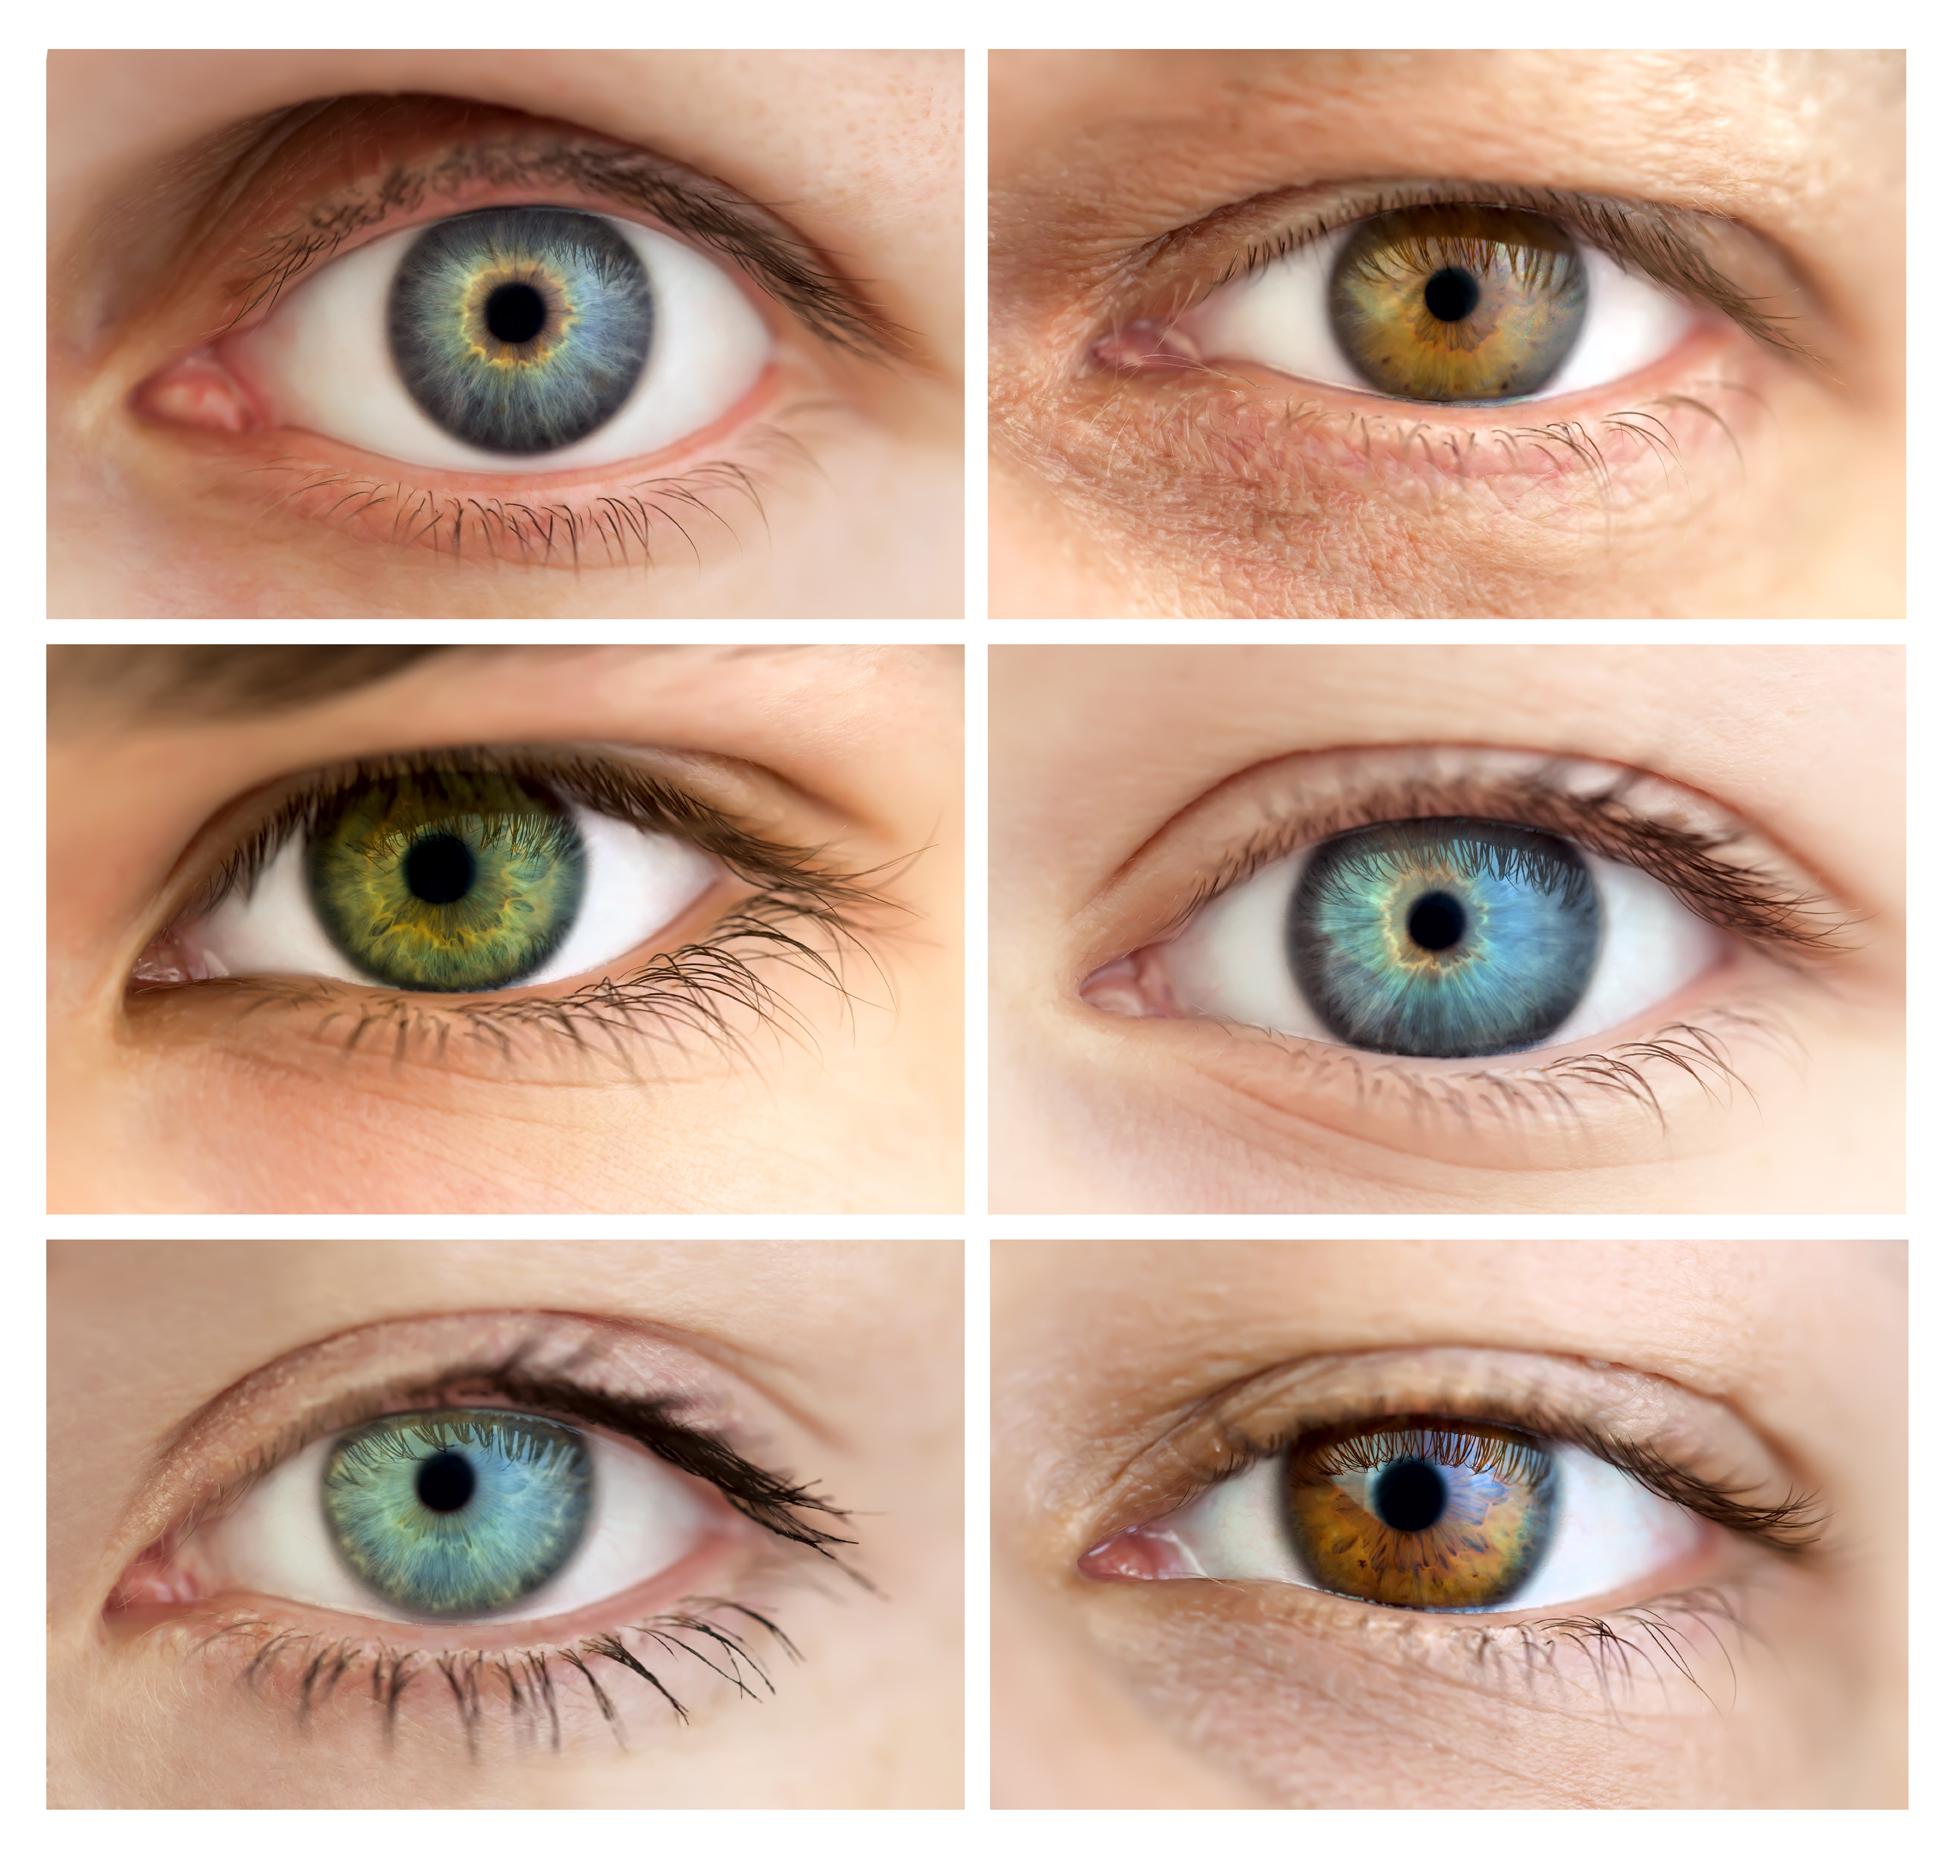 виды термобелья один глаз светлее другого по цвету что значит мужское термобелье NOVA